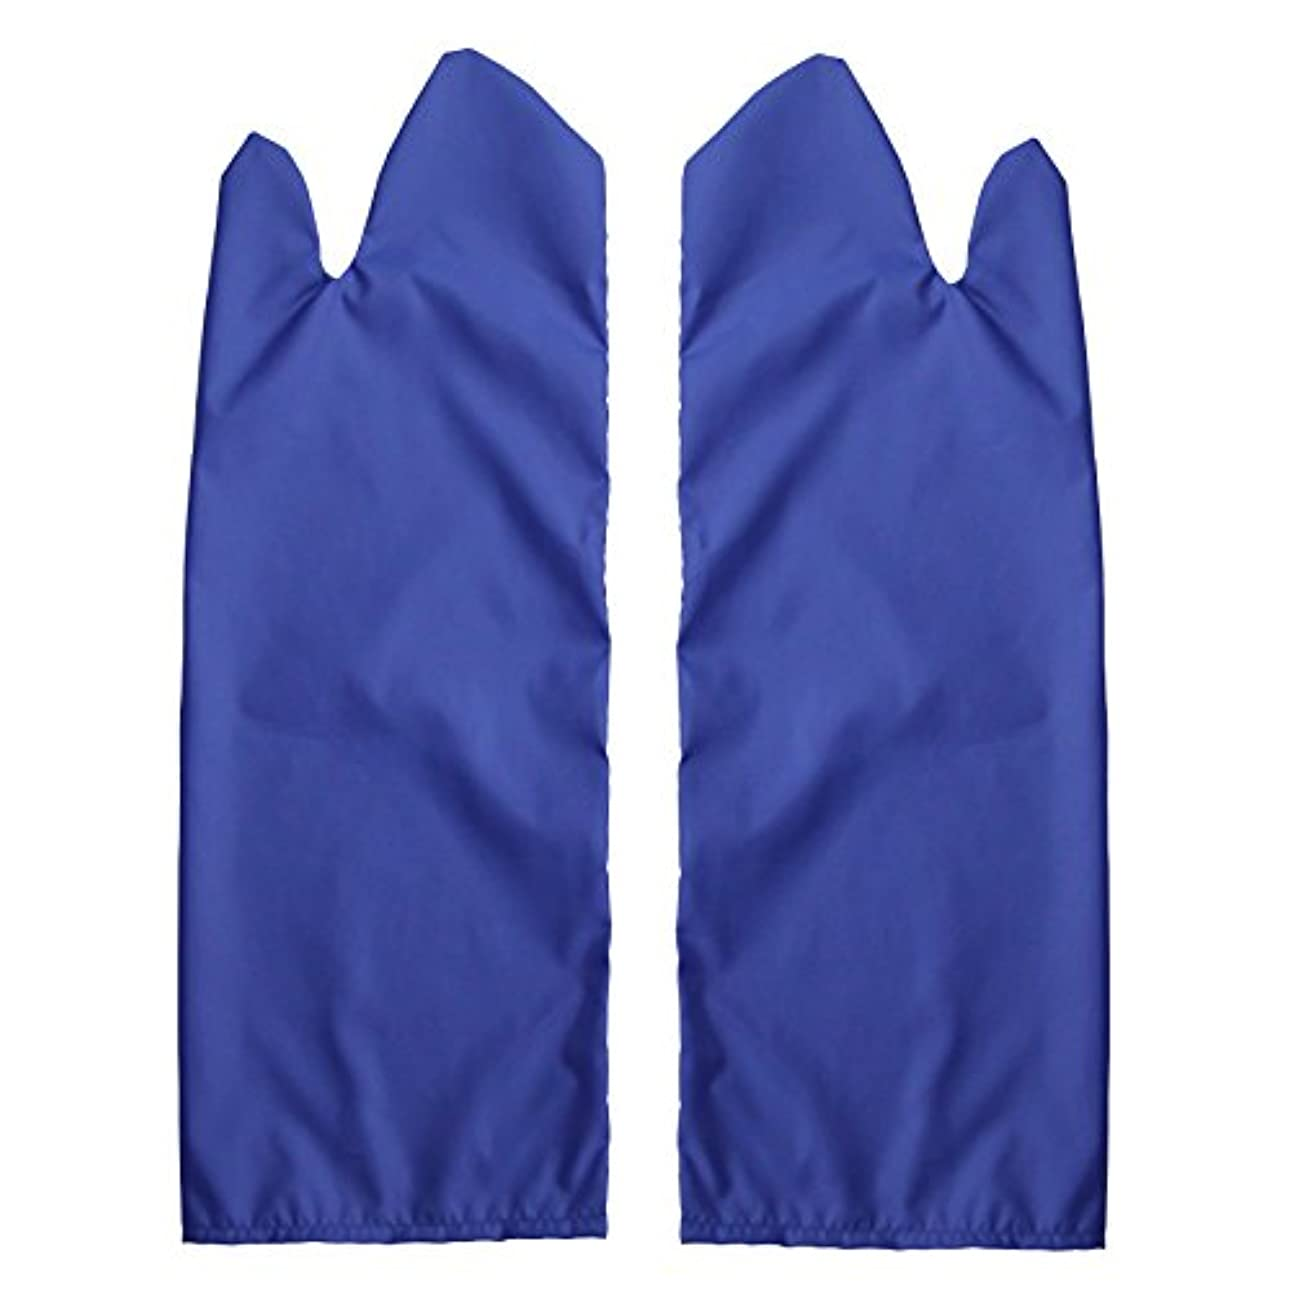 メトリック繰り返し応用体位変換用スライディンググローブ 撥水(ブルー) L /7-3681-04